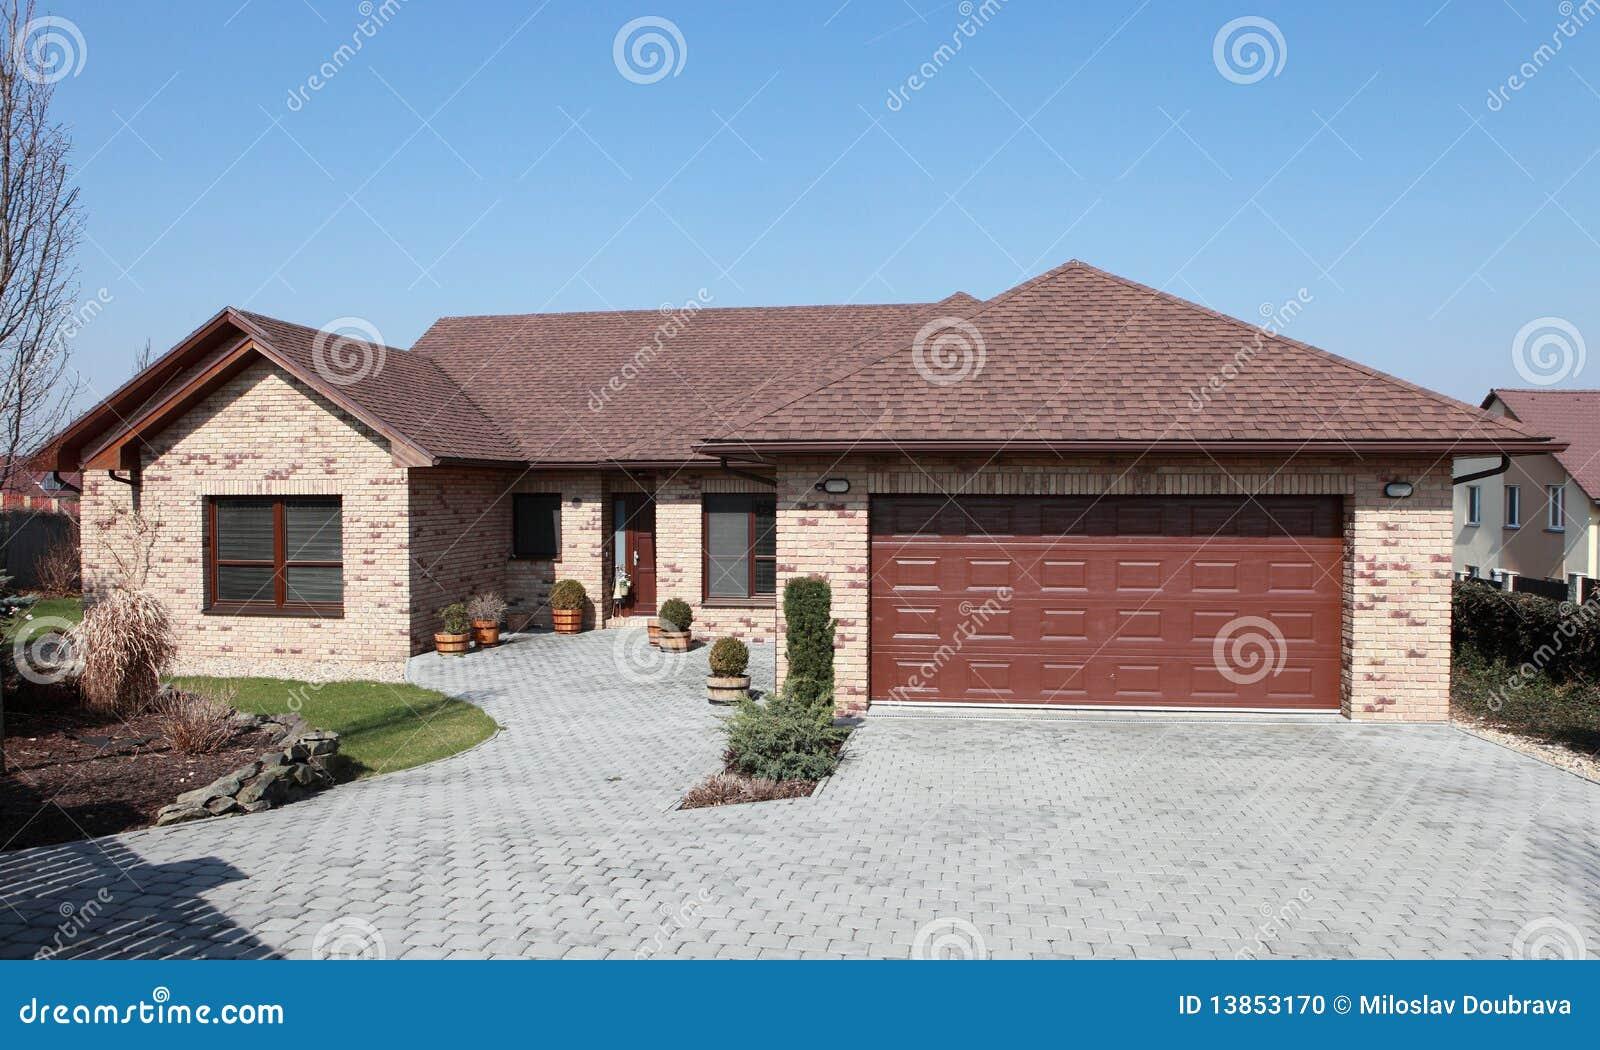 New Brick House Stock Photo Image 13853170